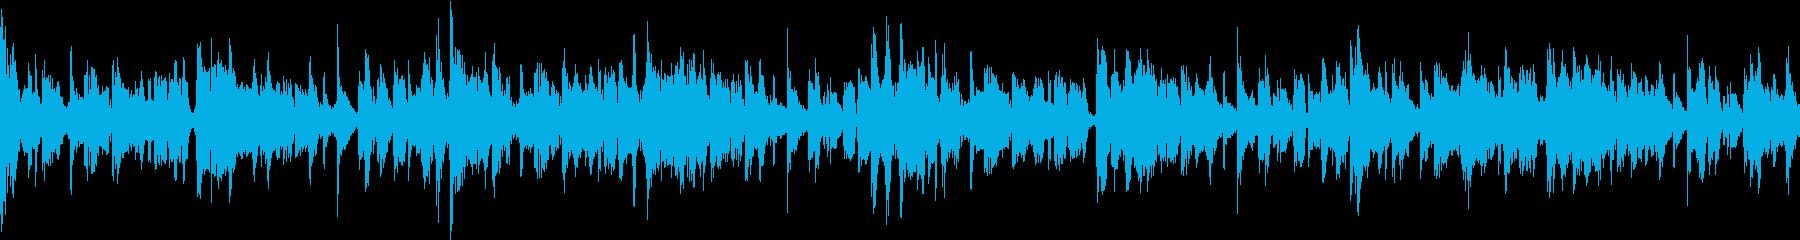 アップテンポなループ用BGMの再生済みの波形